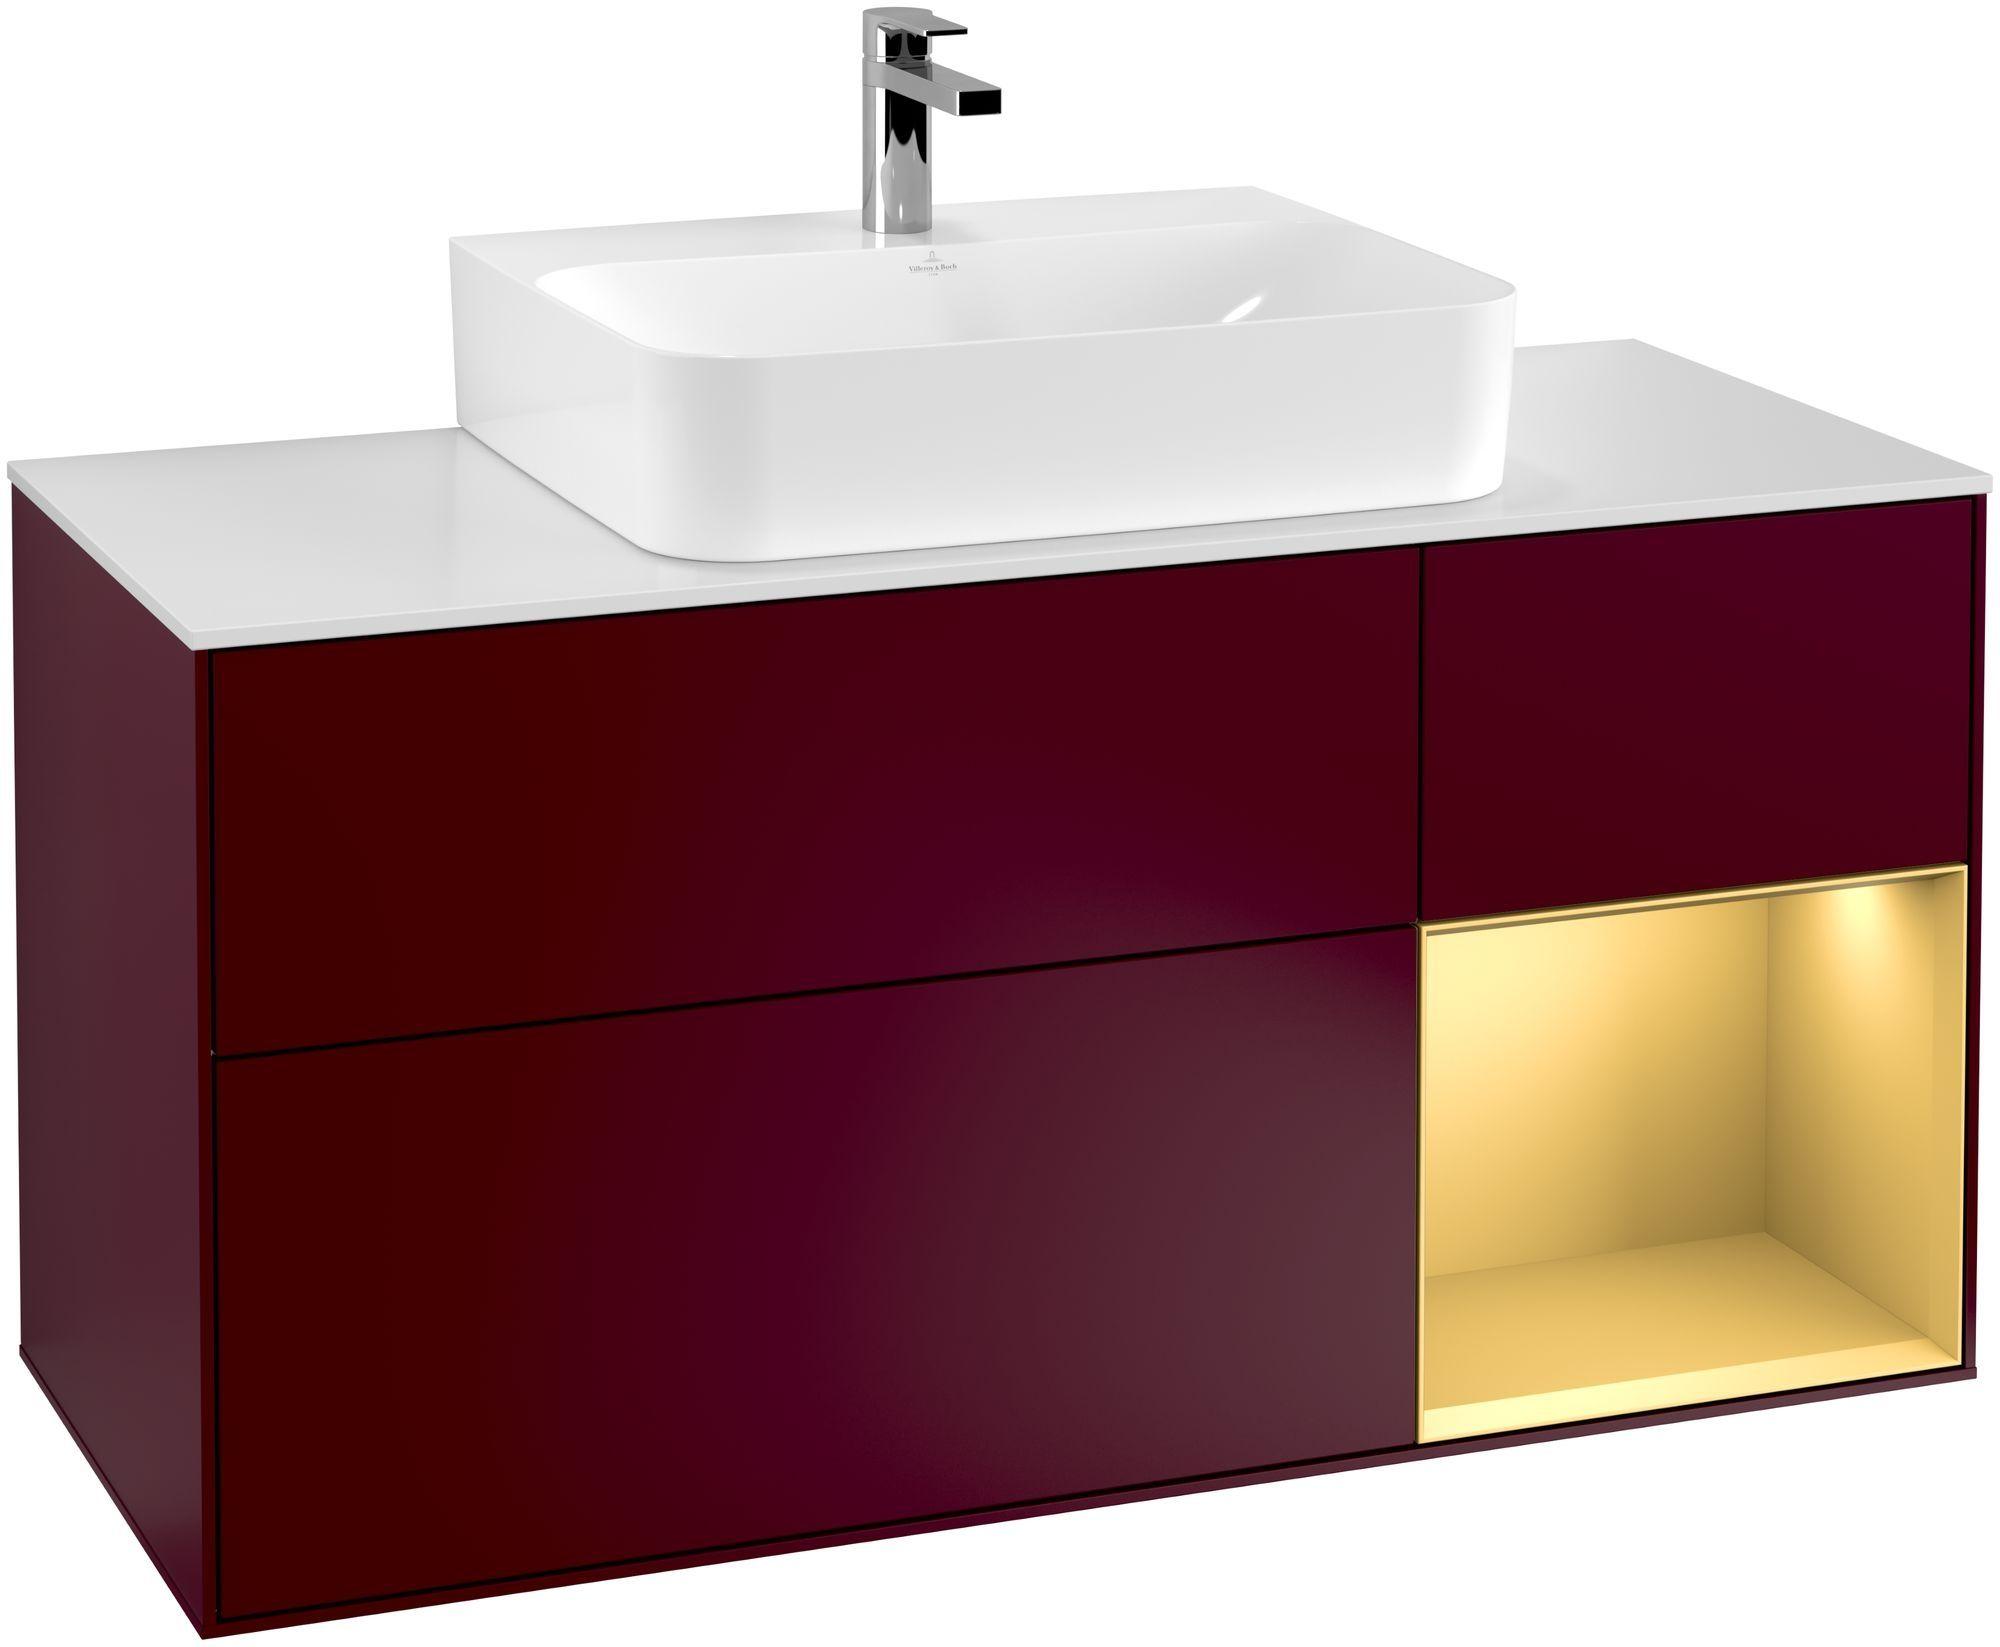 Villeroy & Boch Finion F17 Waschtischunterschrank mit Regalelement 3 Auszüge Waschtisch mittig LED-Beleuchtung B:120xH:60,3xT:50,1cm Front, Korpus: Peony, Regal: Gold Matt, Glasplatte: White Matt F171HFHB